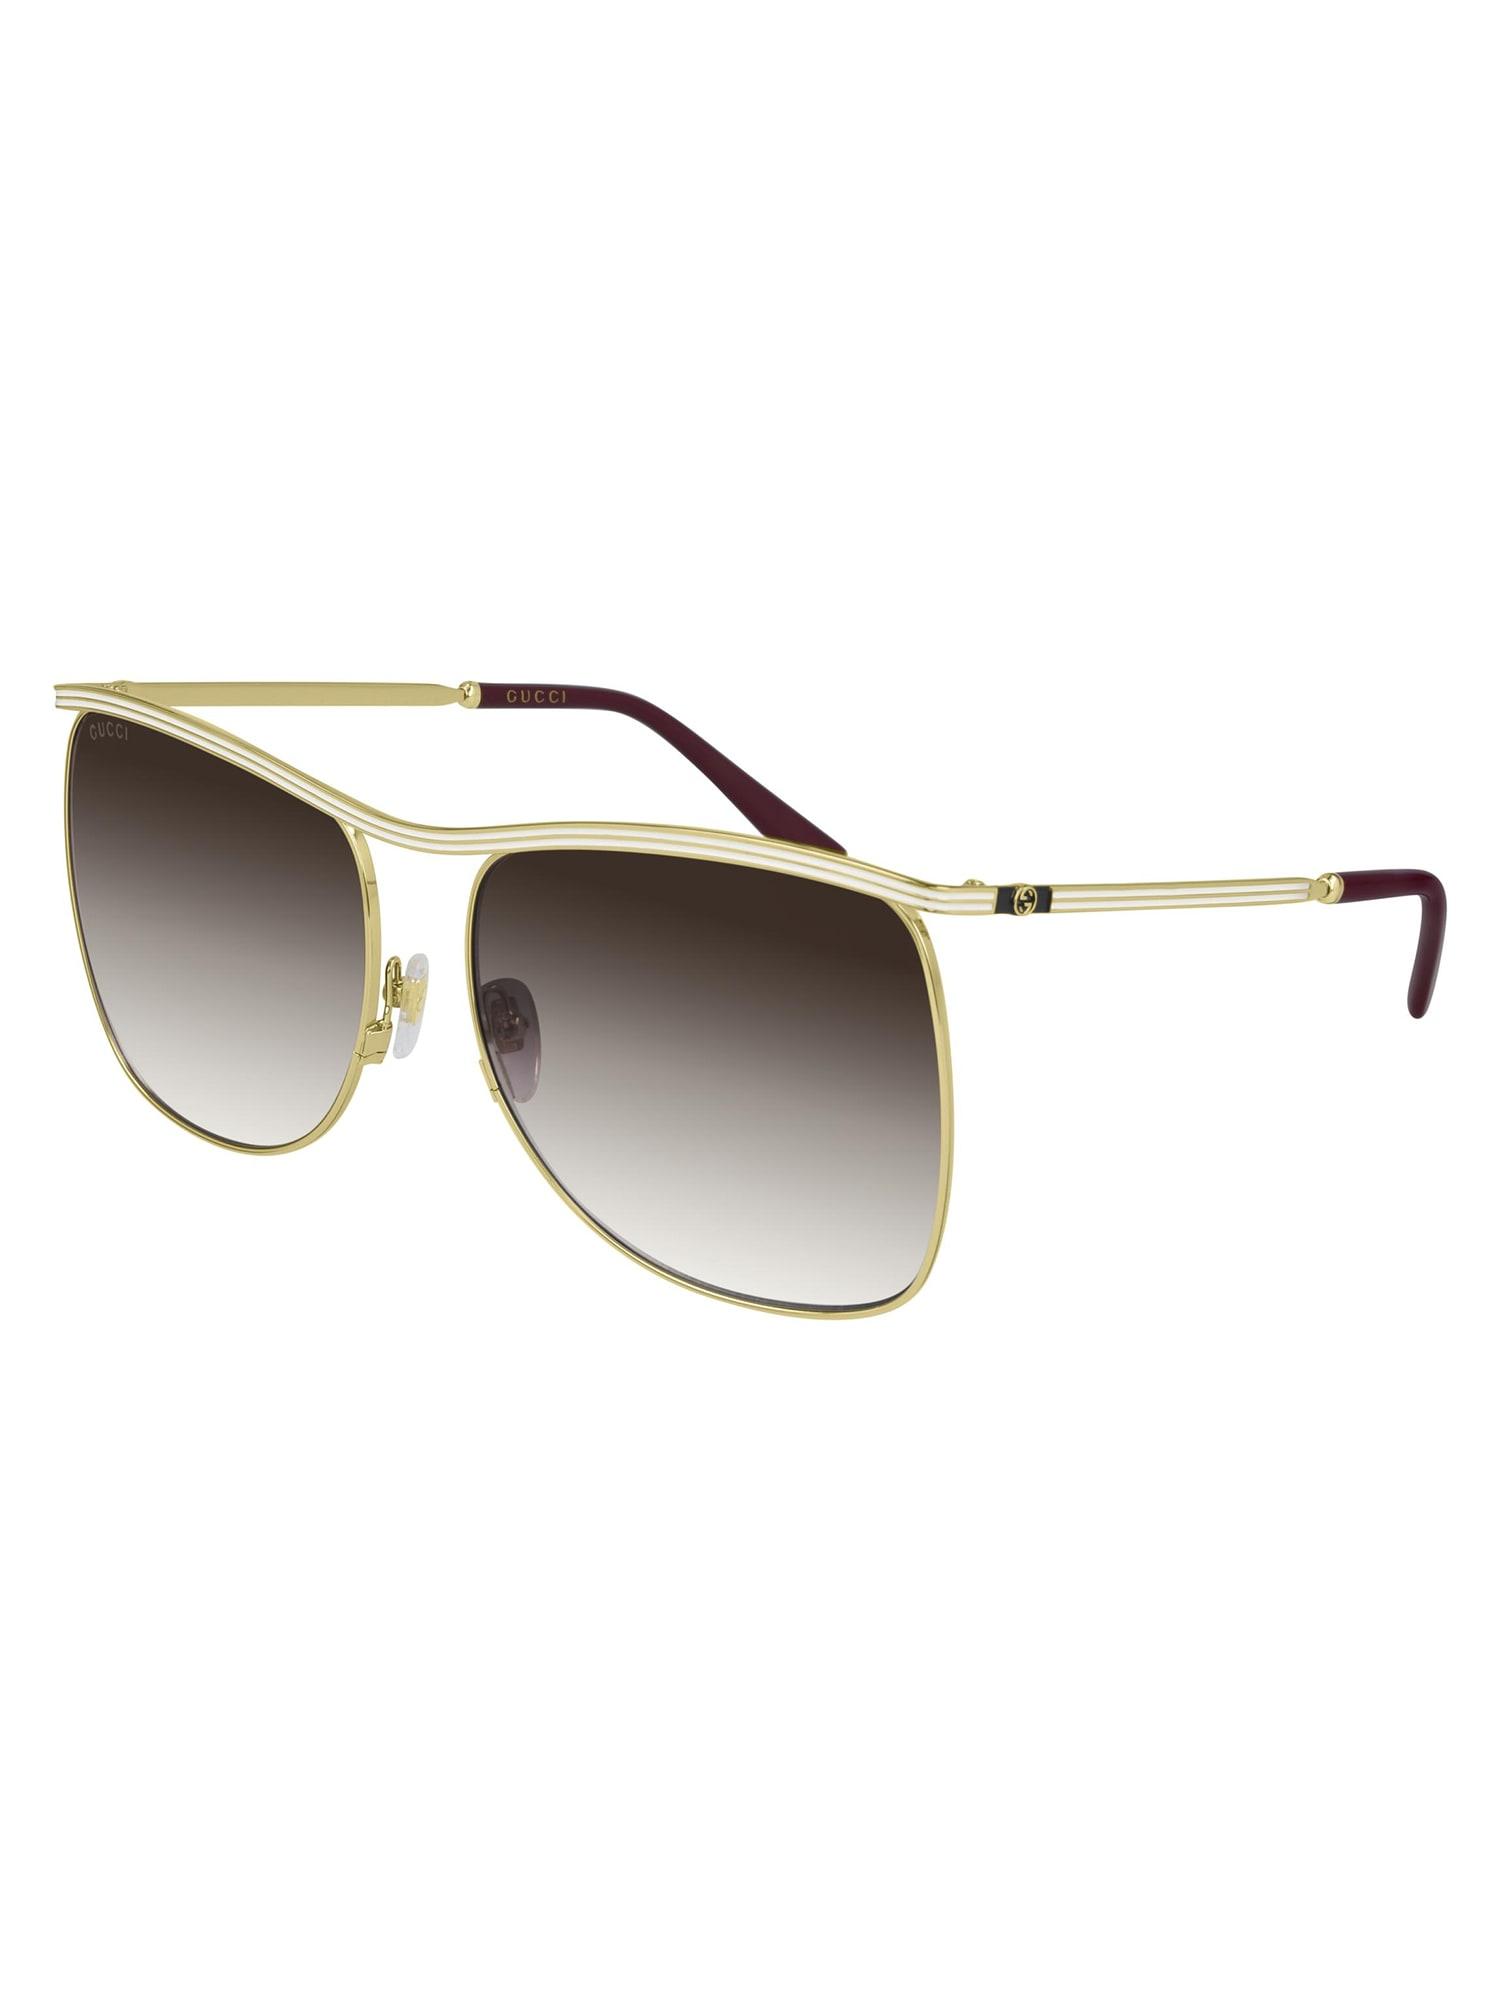 Gucci GG0820S Sunglasses